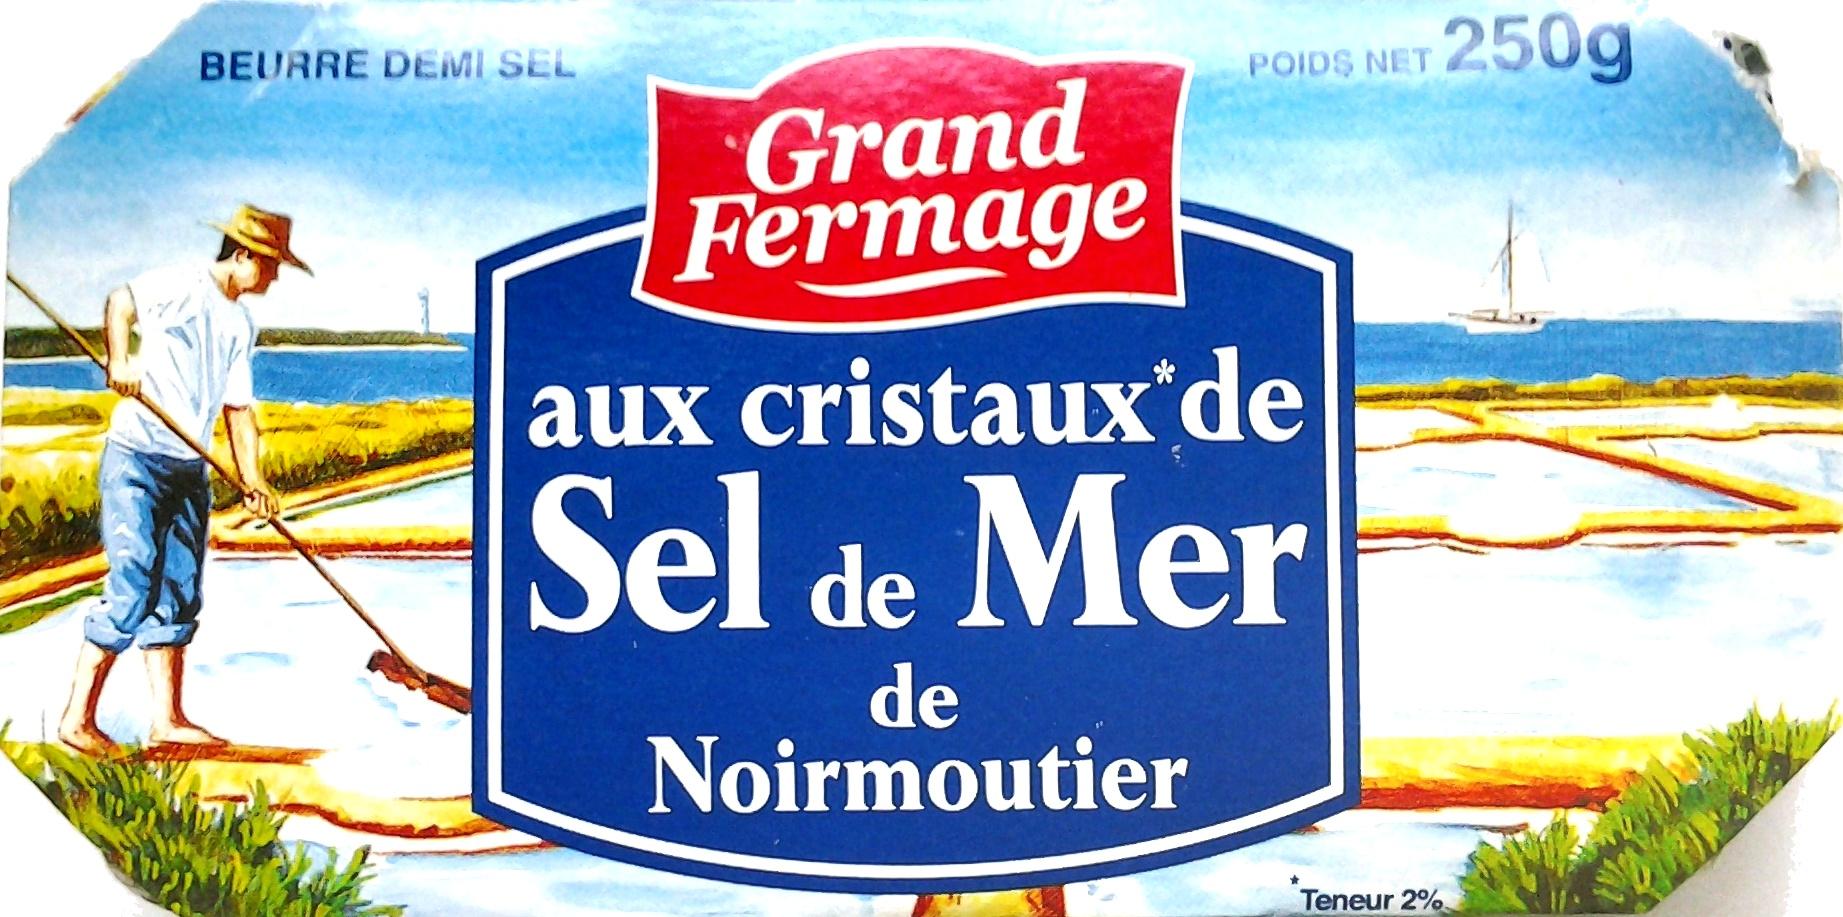 Beurre aux Cristaux de Sel de Mer de Noirmoutier - Produit - fr